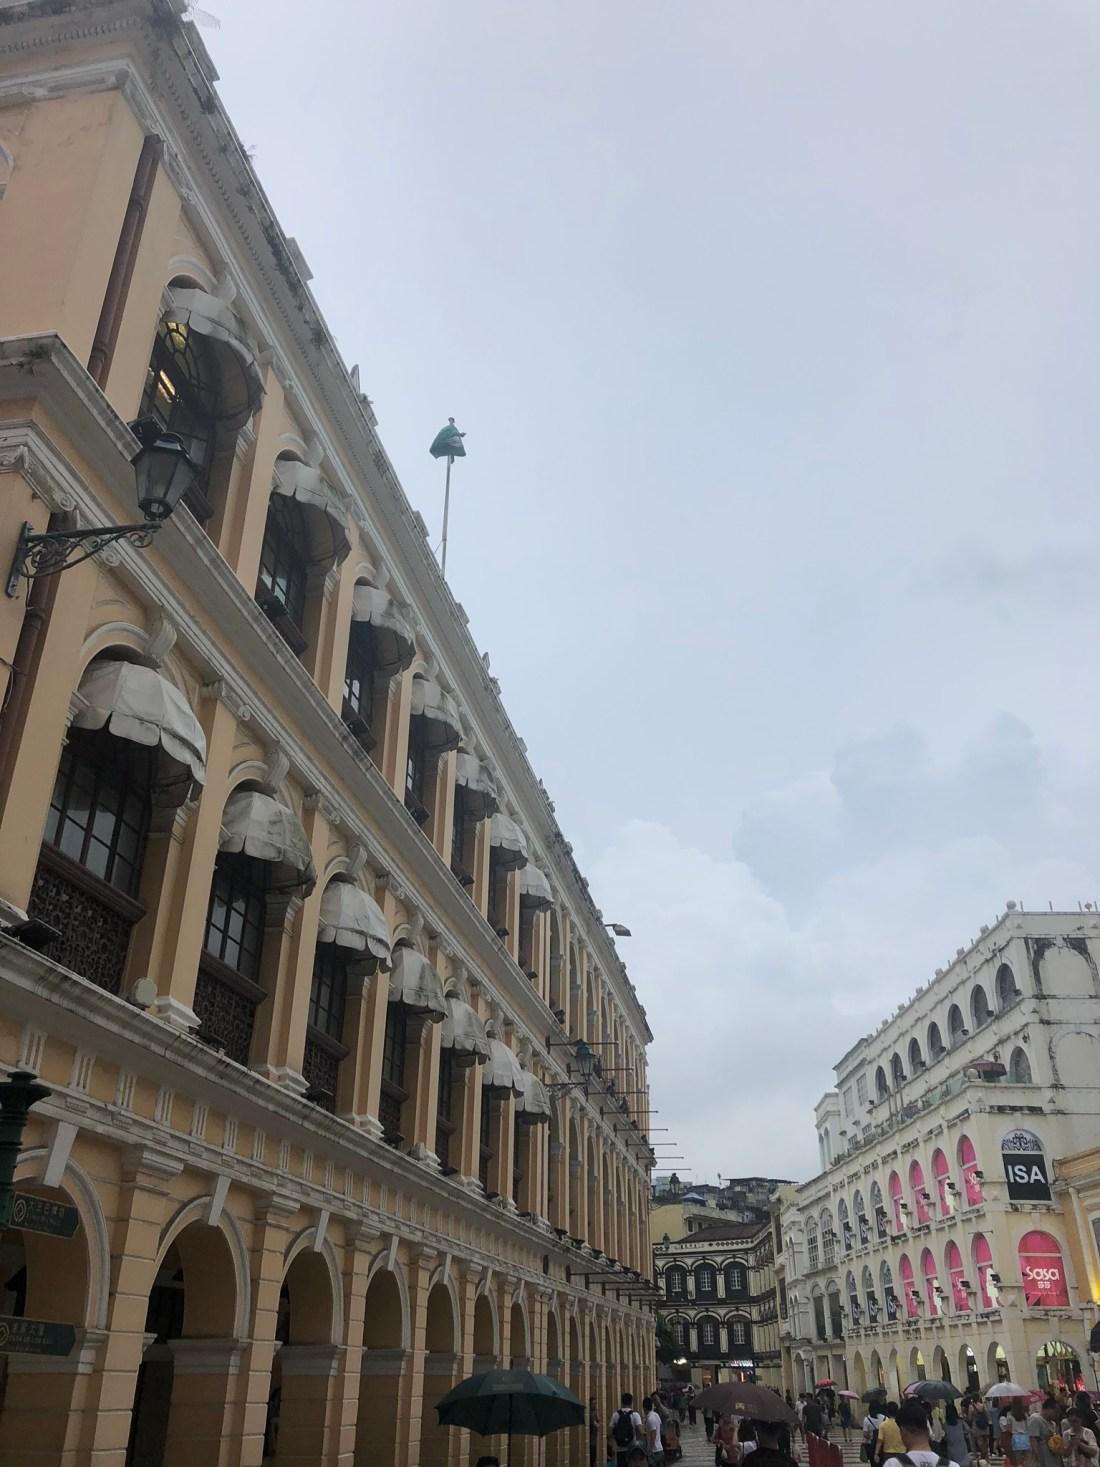 Senado Square, Macao